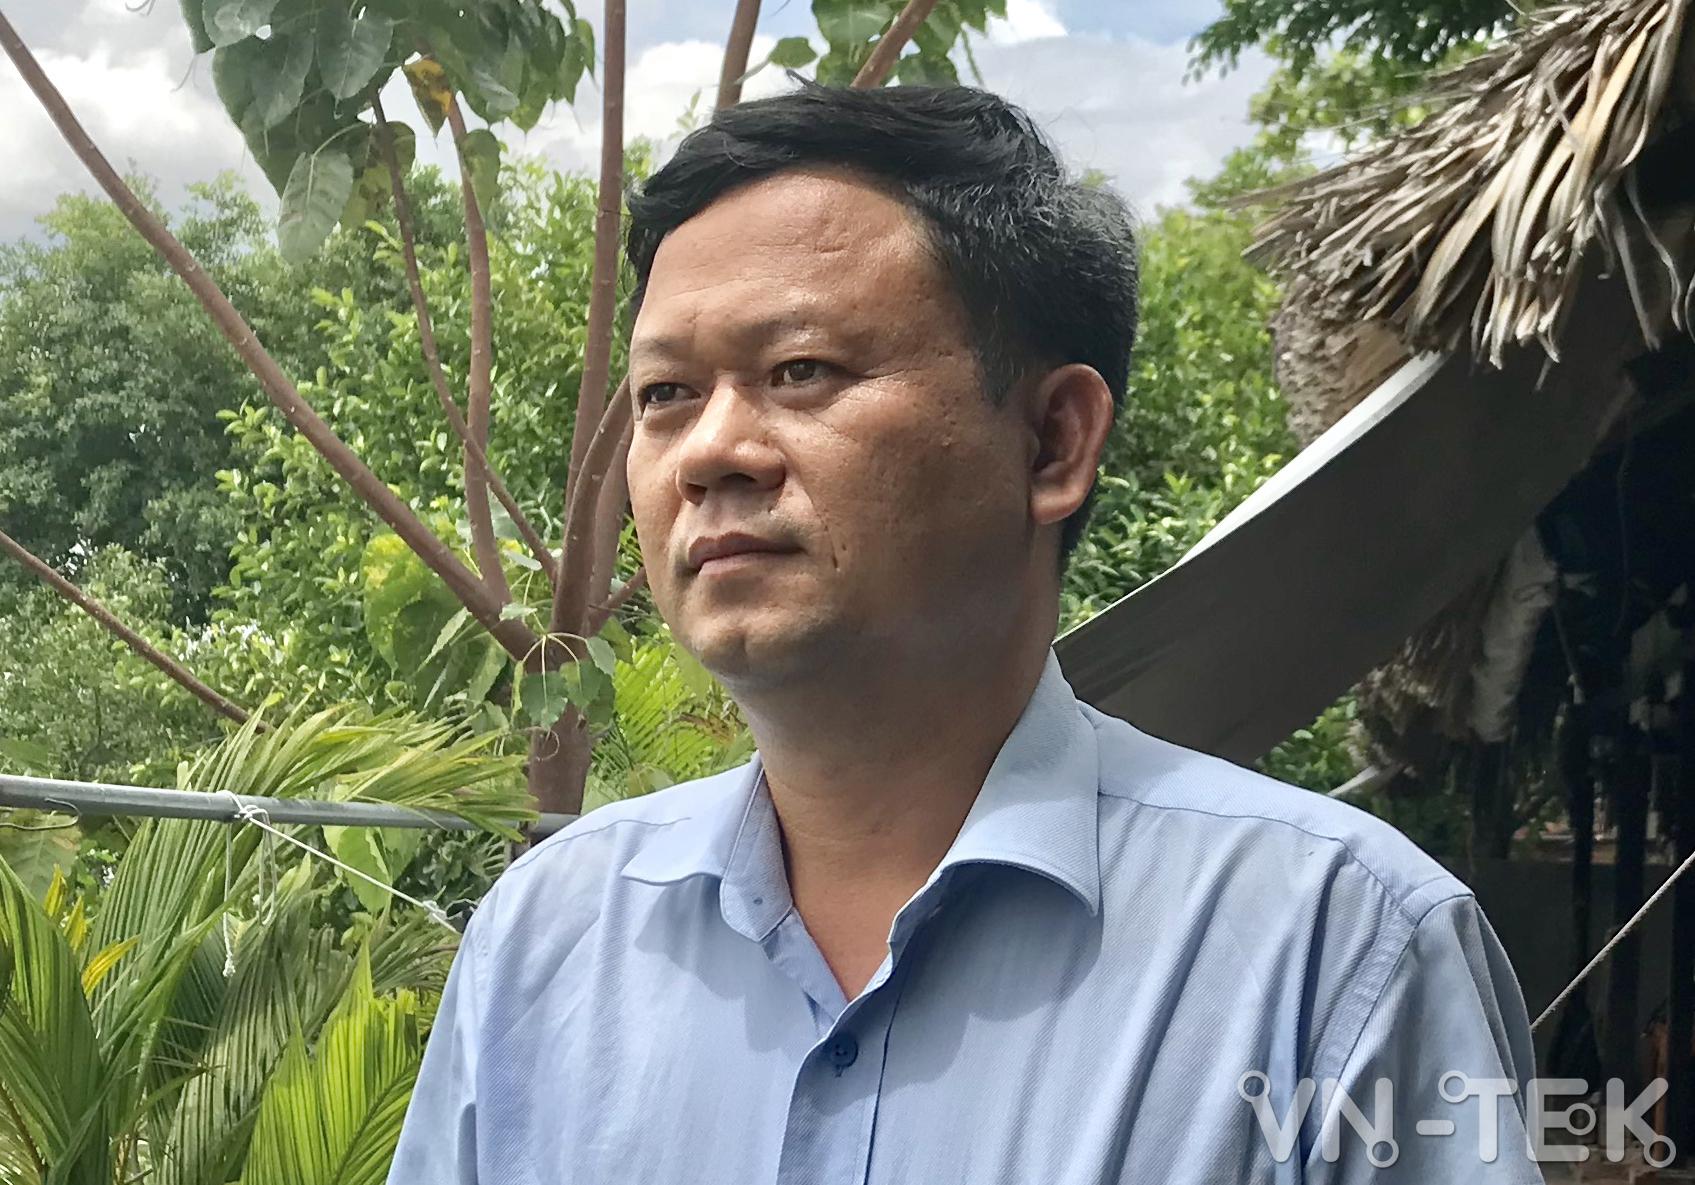 nha bao vu viet doan - Chào mừng Ngày Nhà báo Việt Nam 21-6